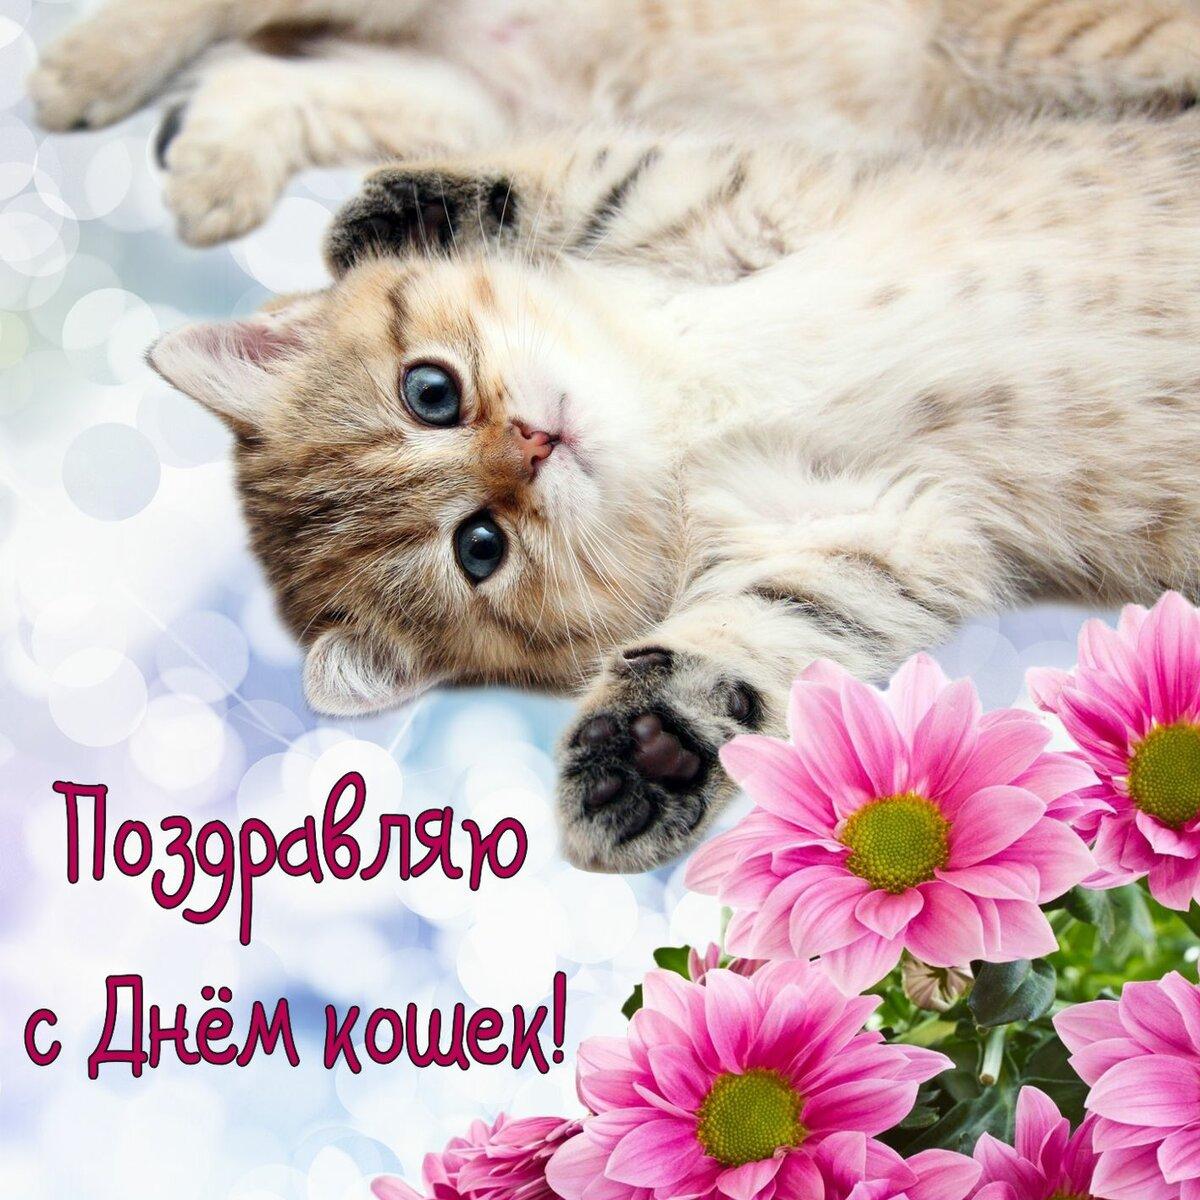 открытки с днем кошек и первым через время